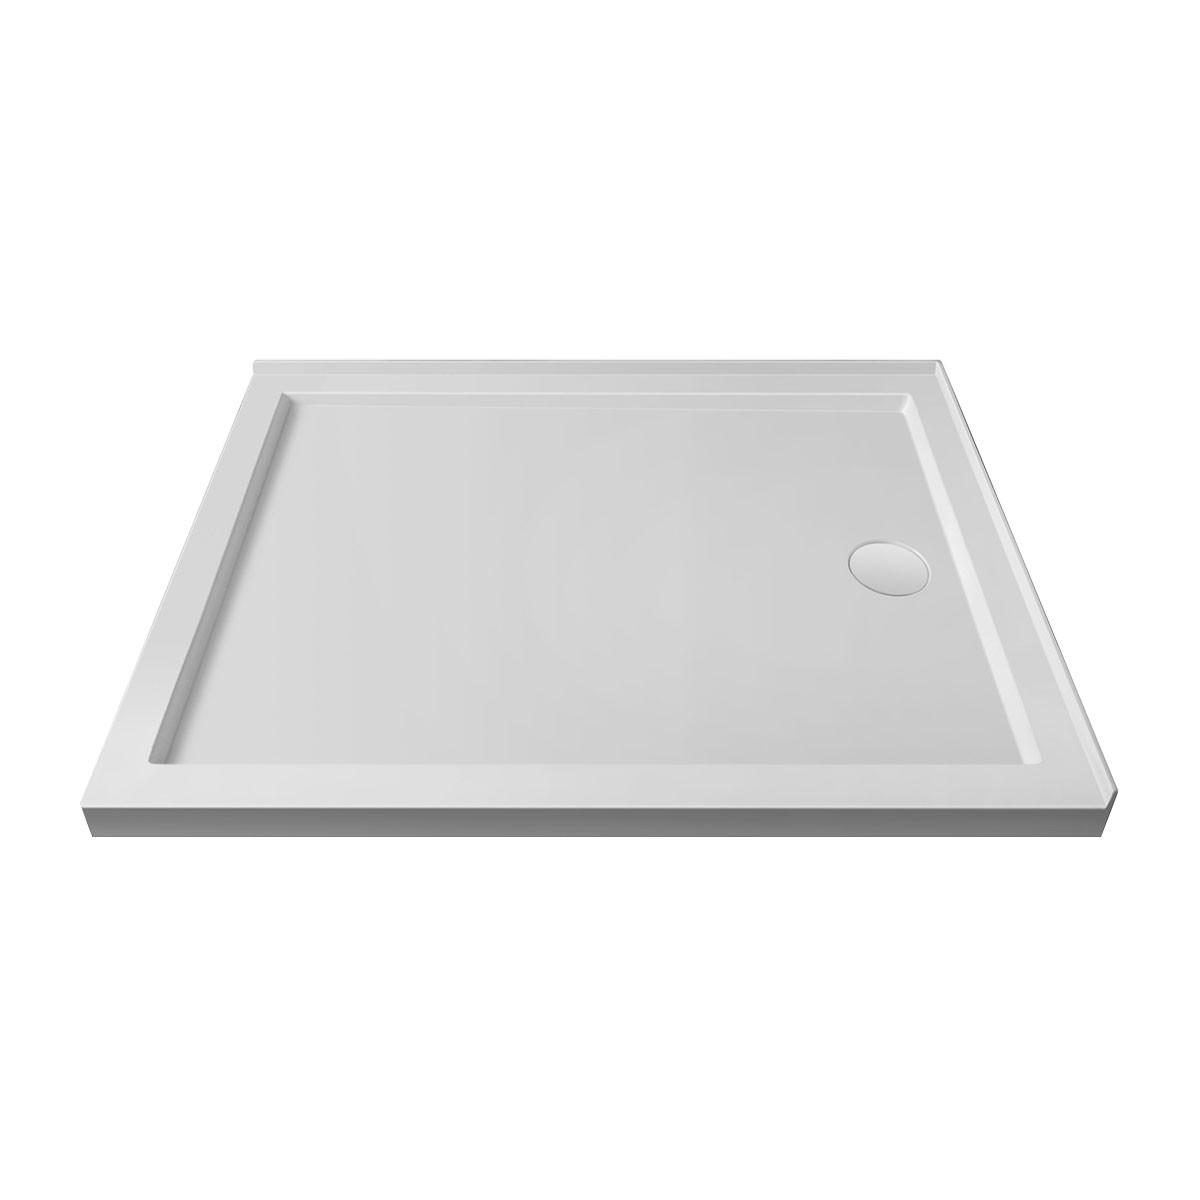 """Base de douche rectangulaire 48"""" x 36"""" pour installation coin droite (DK-STA-18003)"""